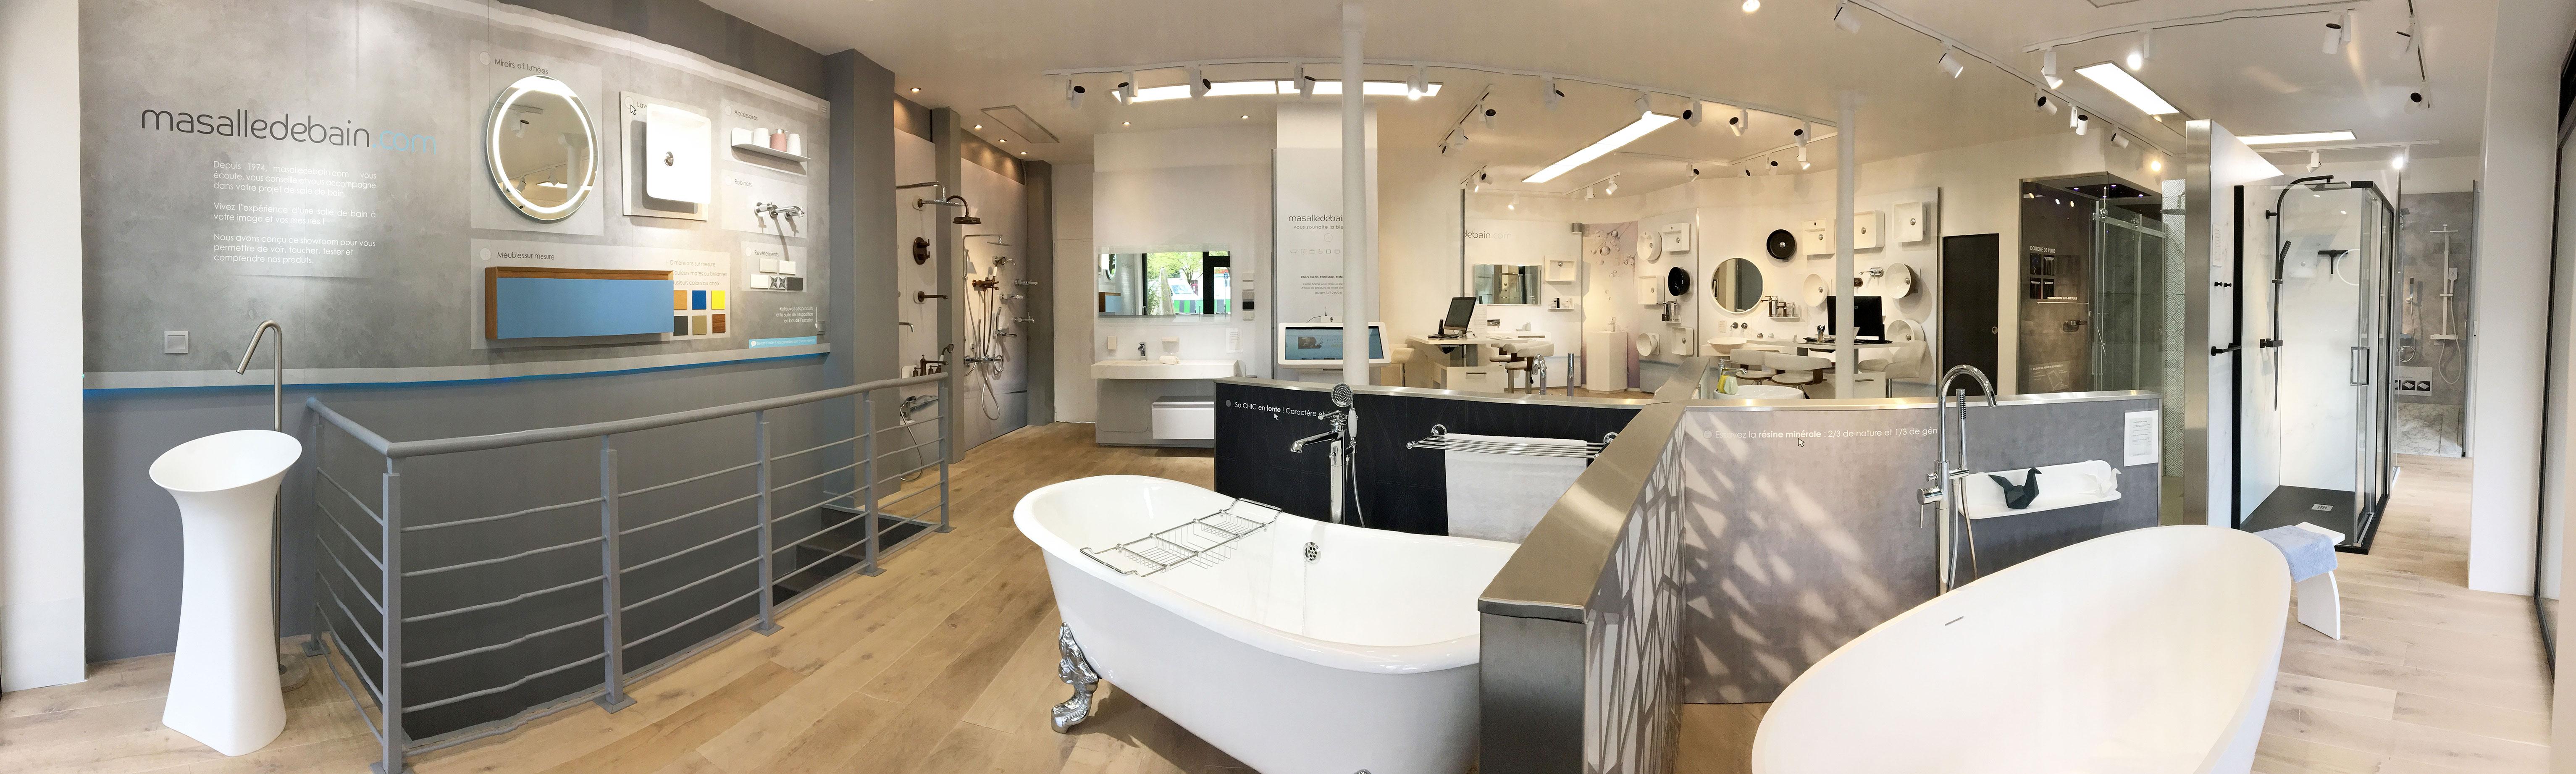 d couvrez le concept store de paris brassens salle de bain. Black Bedroom Furniture Sets. Home Design Ideas